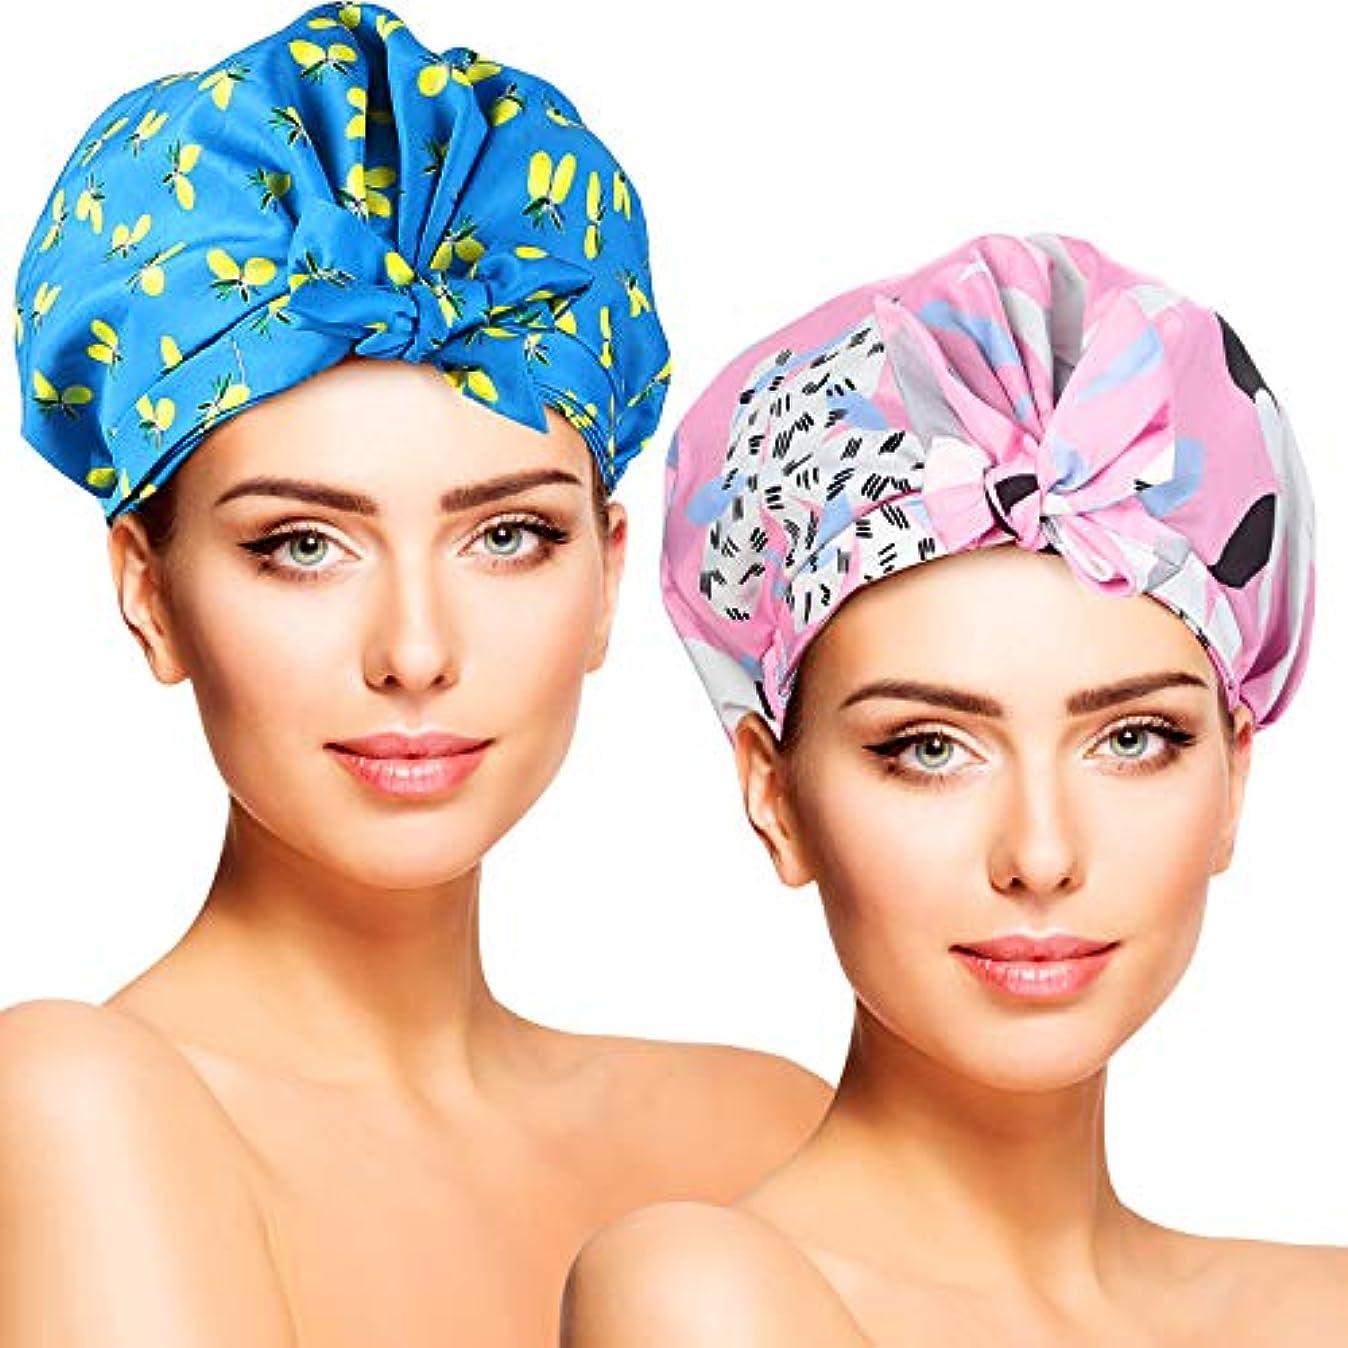 悪化する認める賭けYISUN シャワーキャップ 2枚セット 二重層防水 耐久性 抗菌性 お風呂 シャワー SPA 調理 洗顔用 多機能 実用性 男女兼用